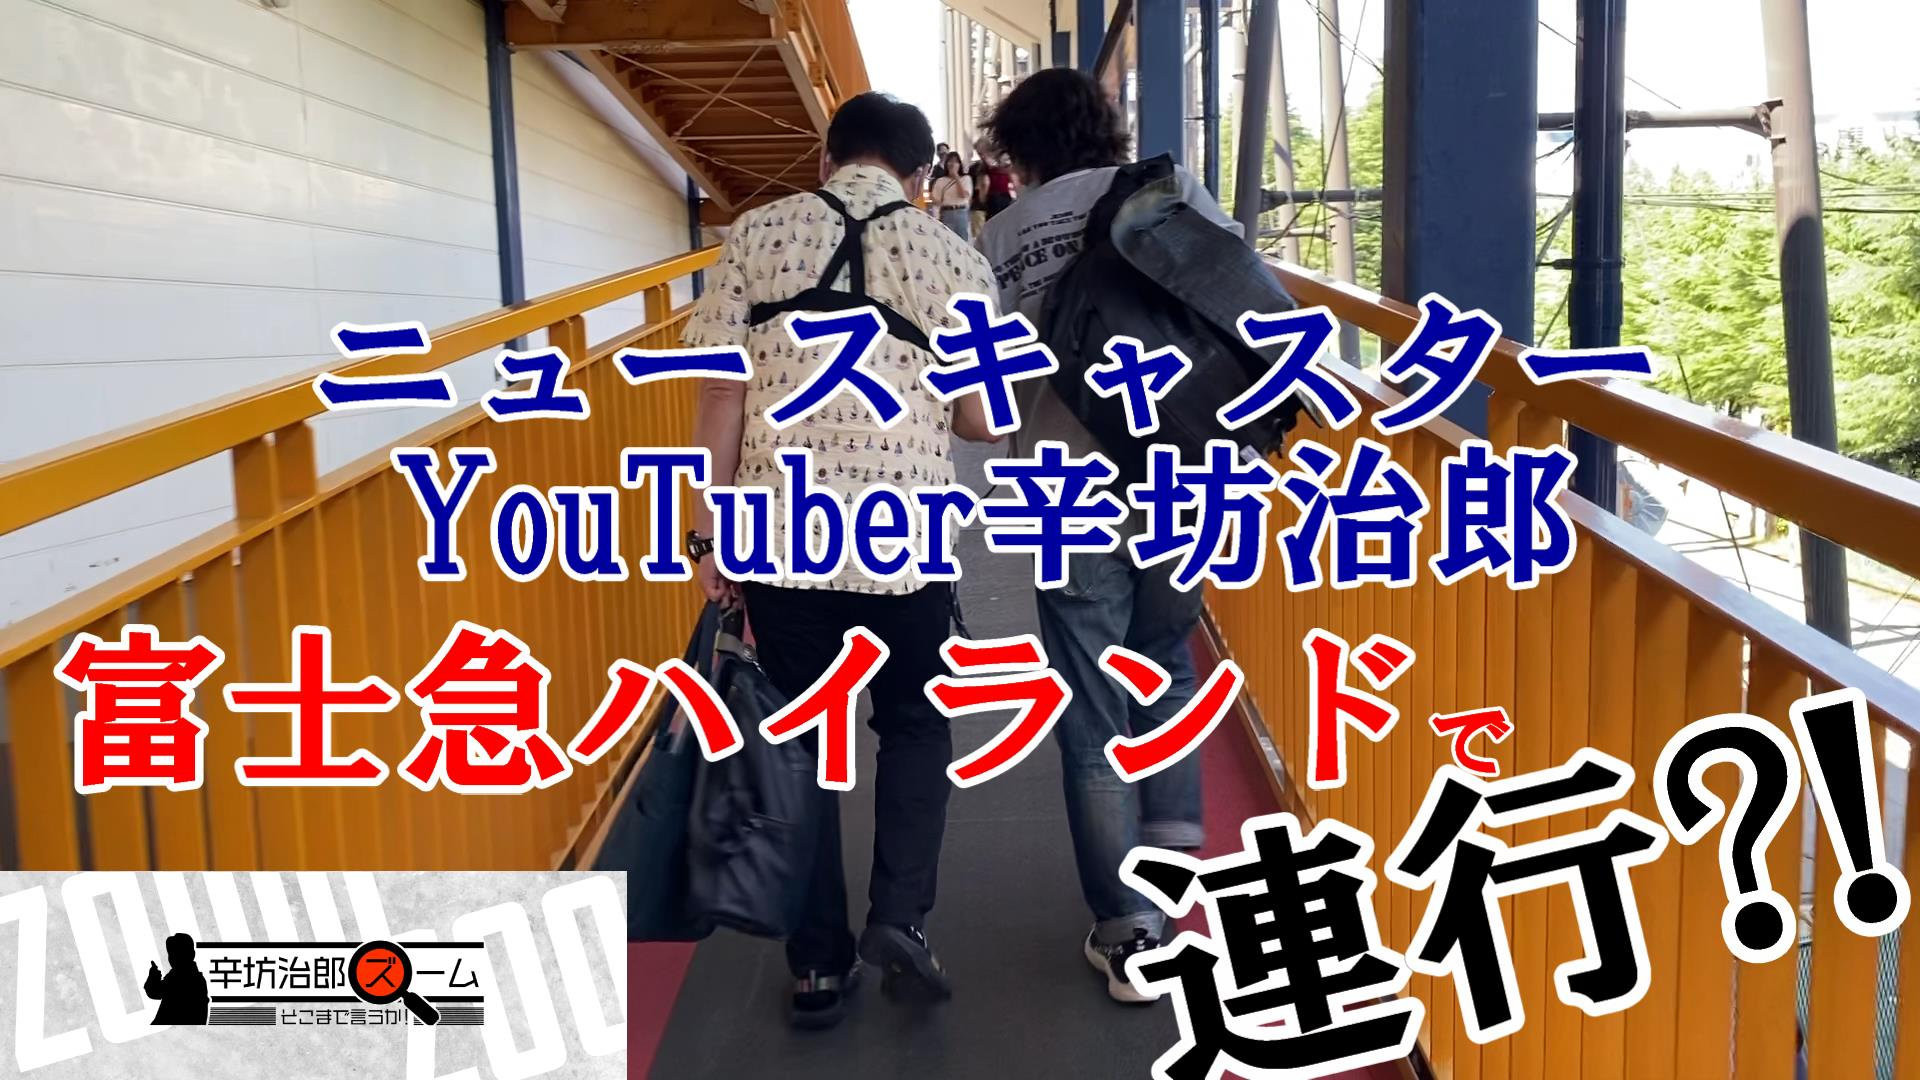 まで 治郎 か 言う youtube そこ 坊 辛 ズーム